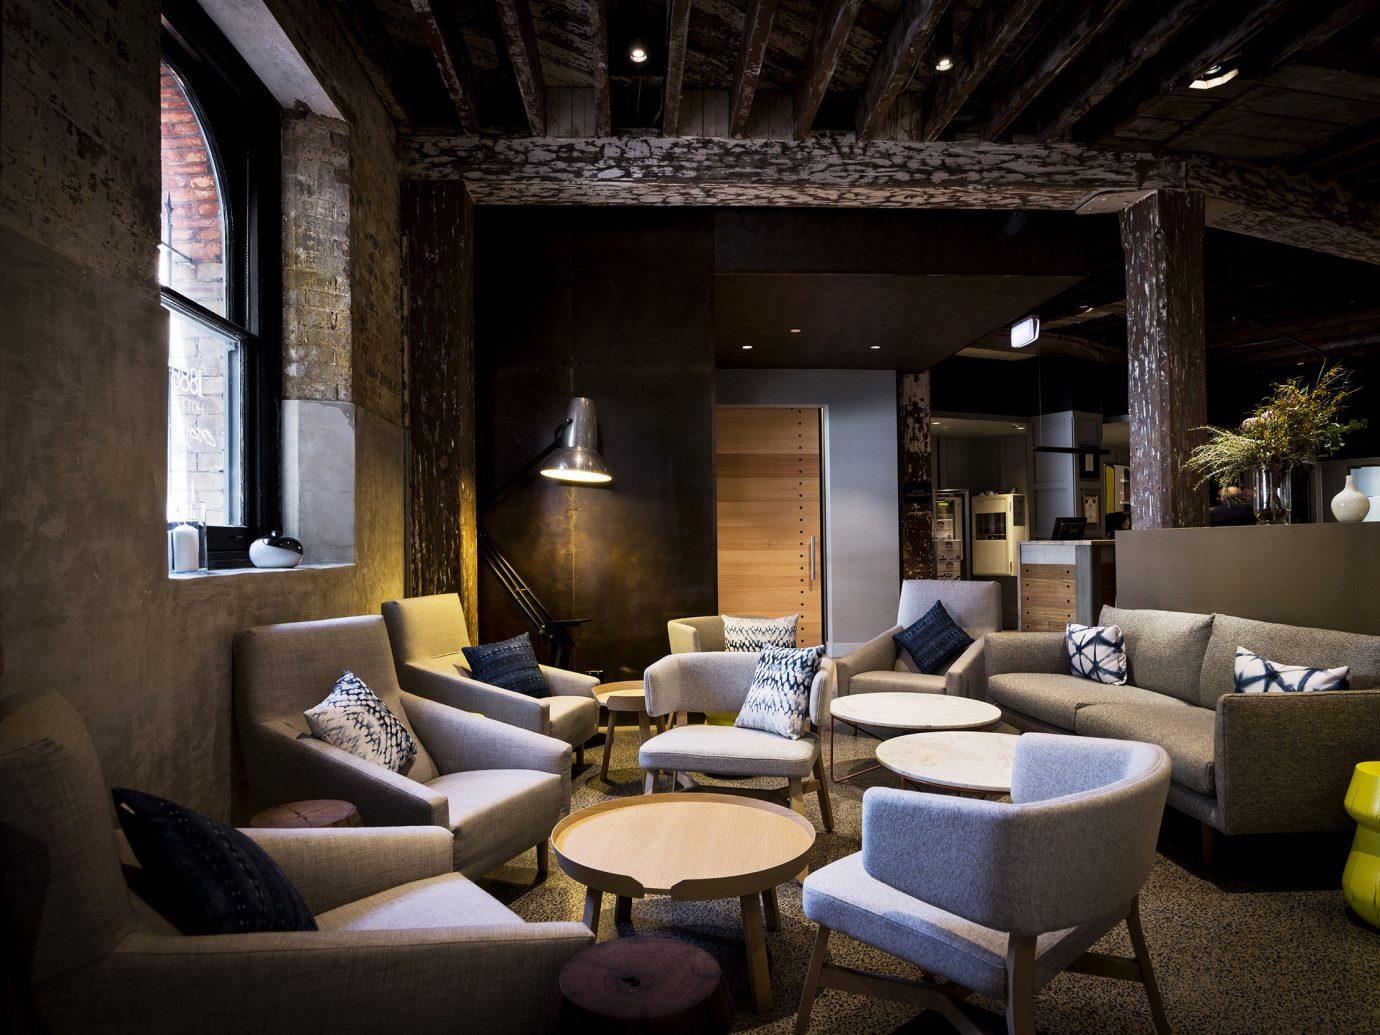 Hotels indoor room property living room estate home interior design lighting Design Lobby furniture